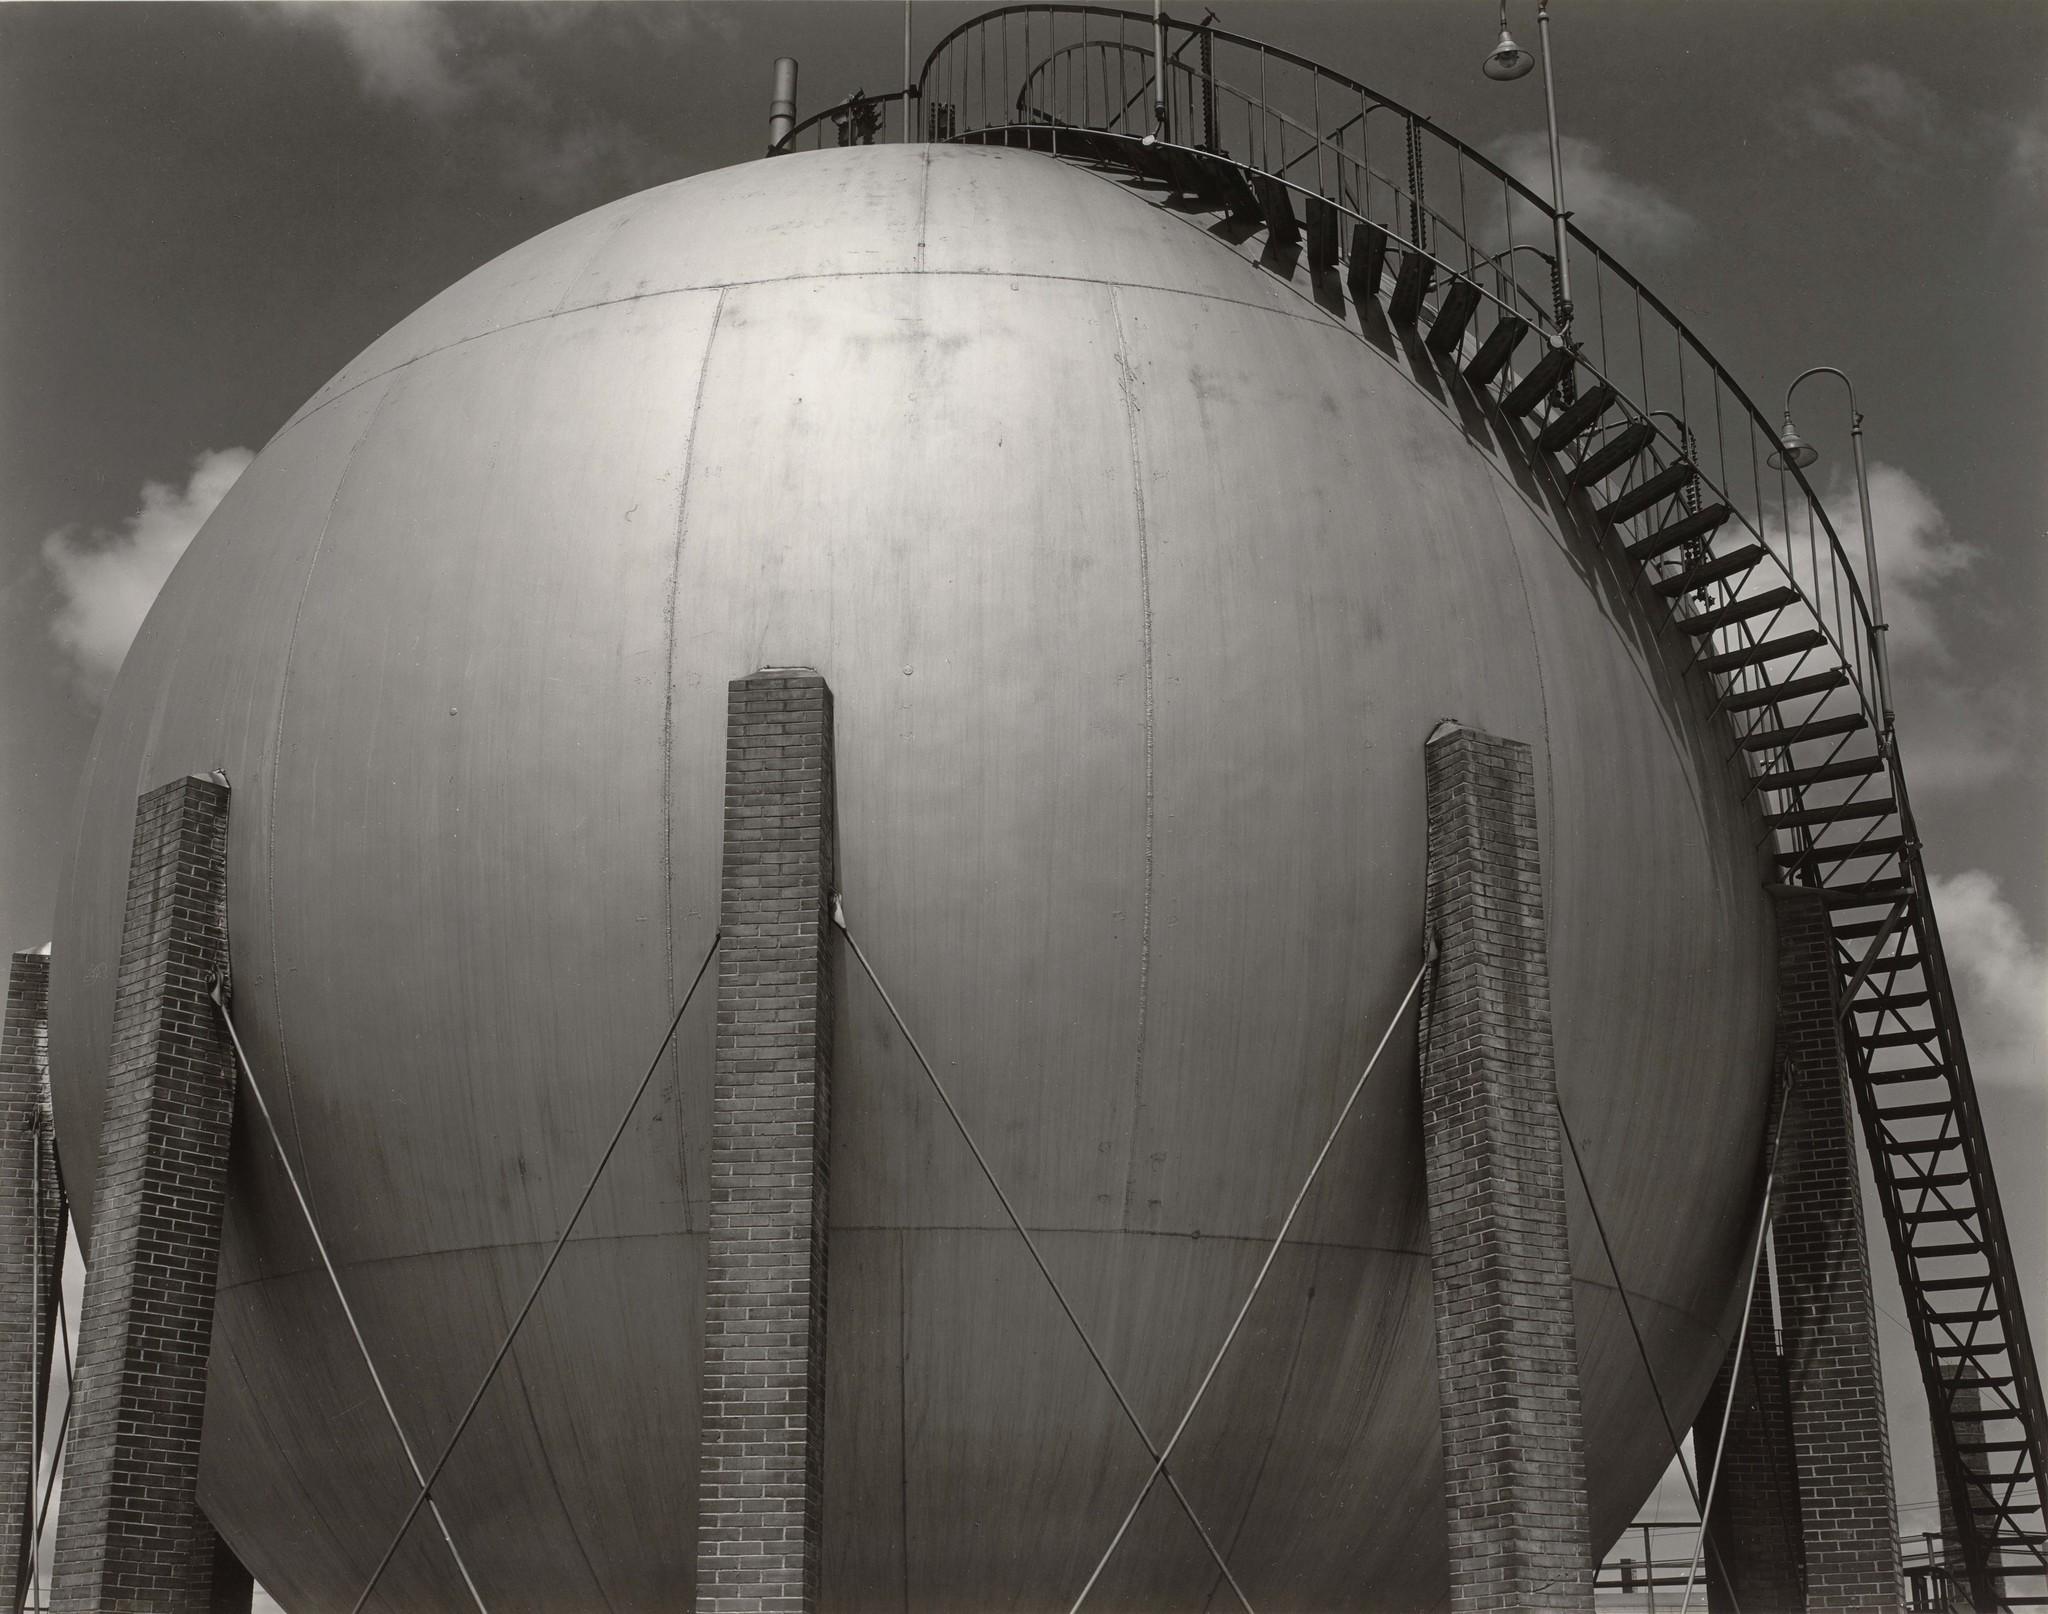 Gulf Oil, Port Arthur, Texas, 1941